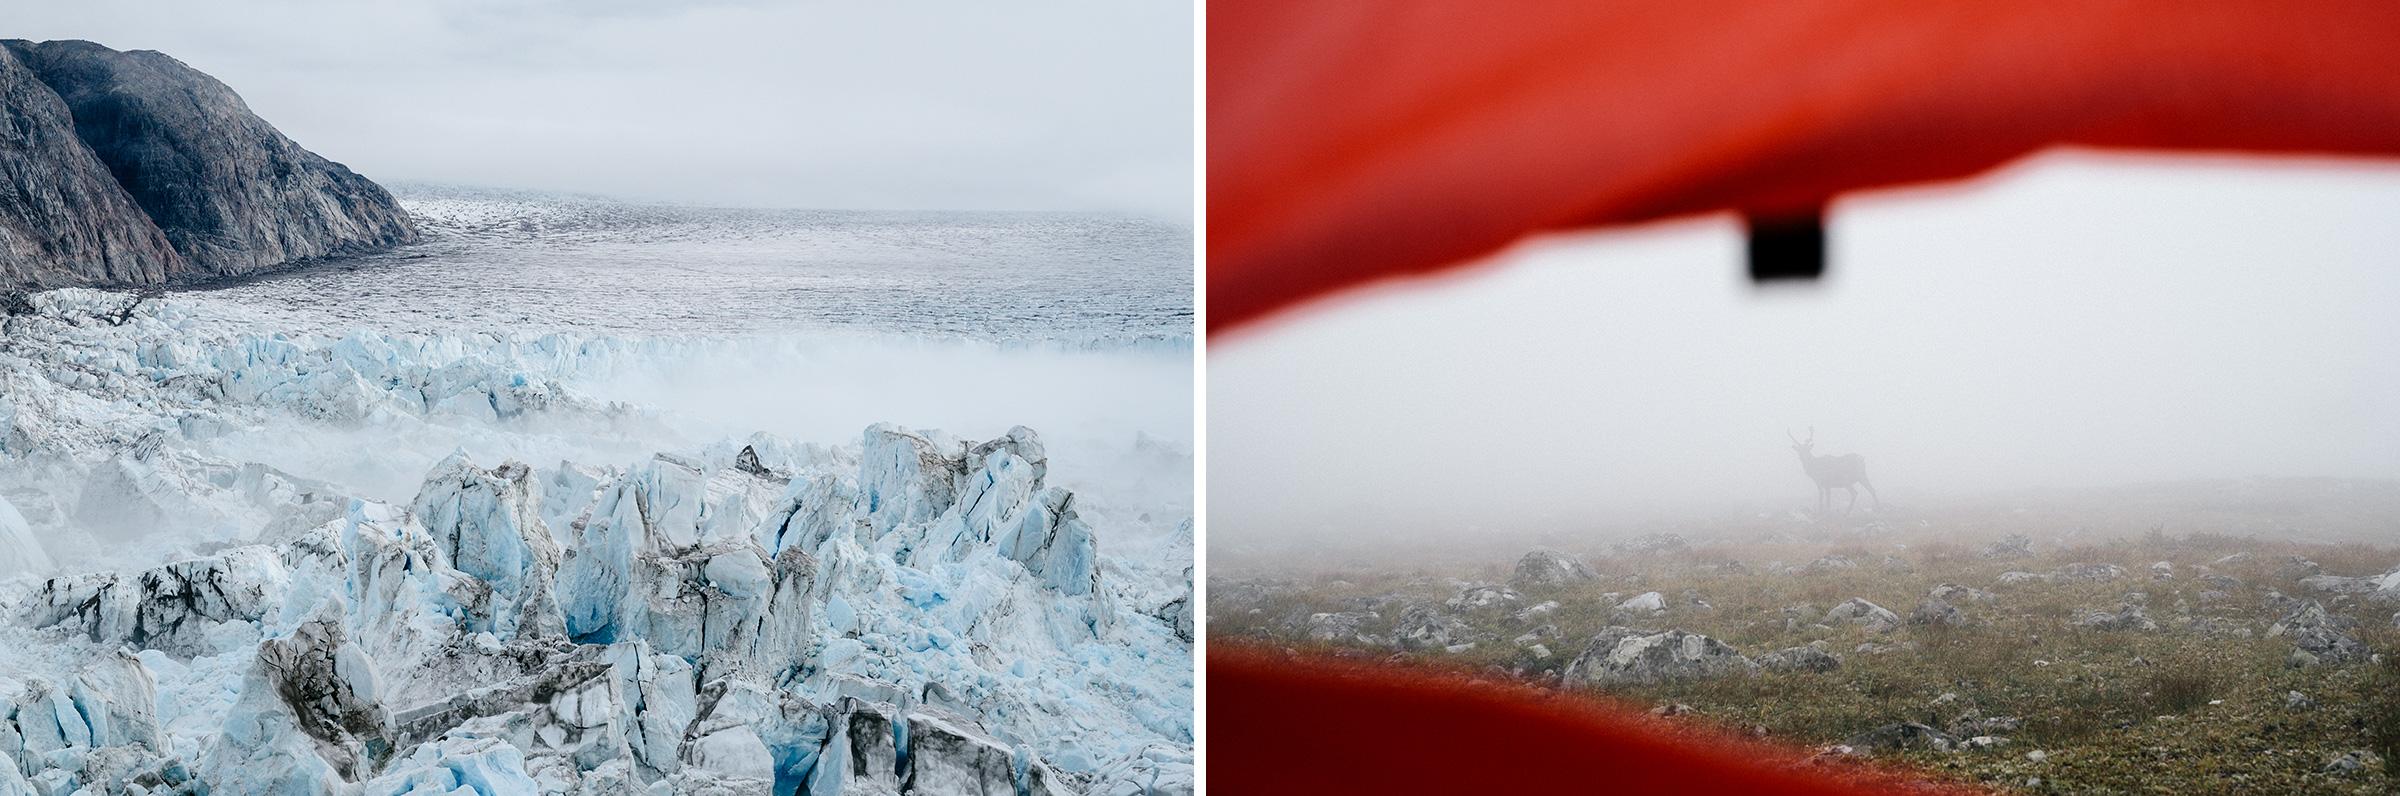 Projekt Mein Norden, Fotos: Martin Hülle